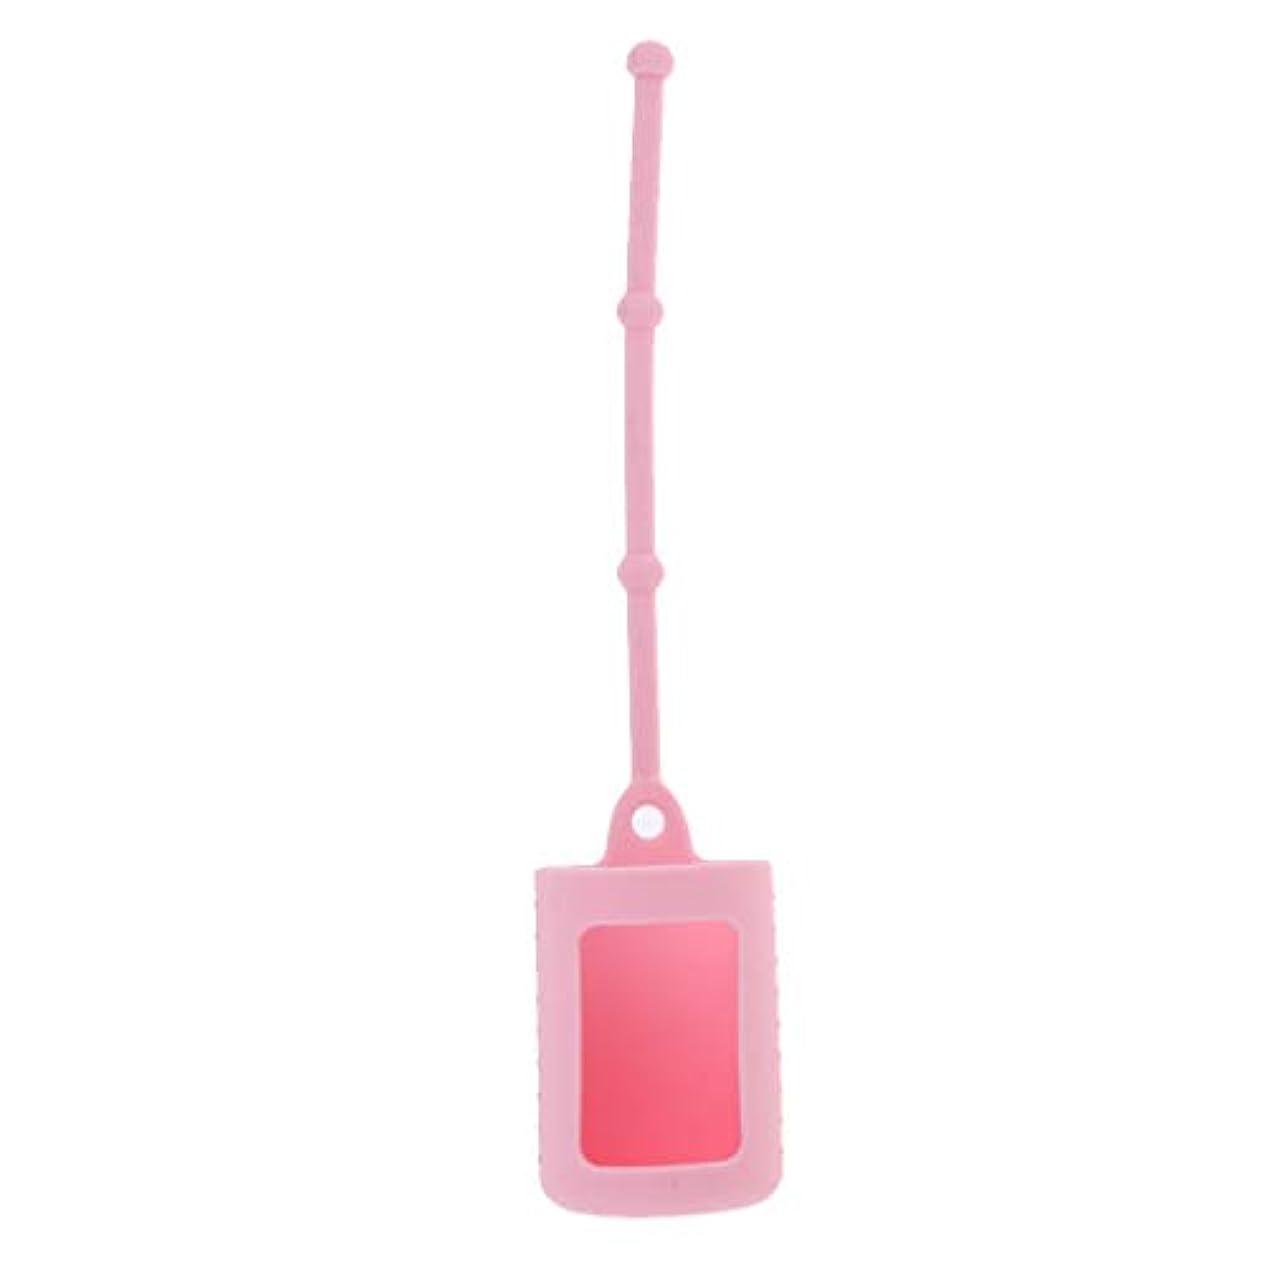 宿題服ペンボトルホルダー シリコンスリーブ 15ミリリットル ローラーボトル用 6色選べ - ピンク